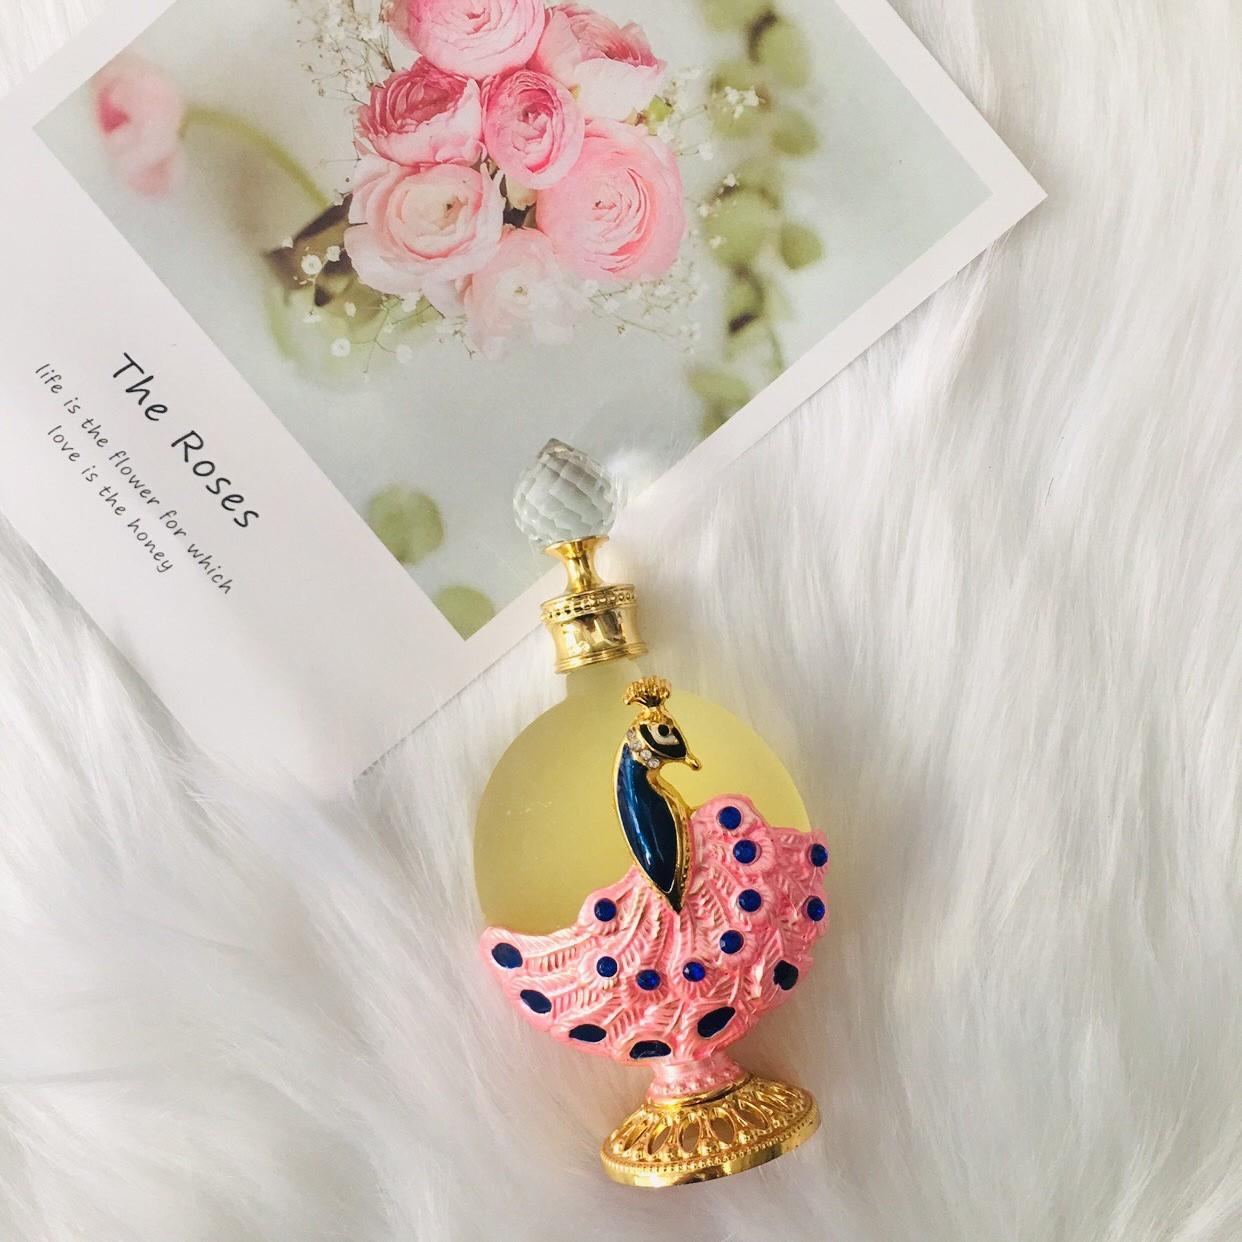 Tinh dầu nước hoa dubai phượng hoàng hồng